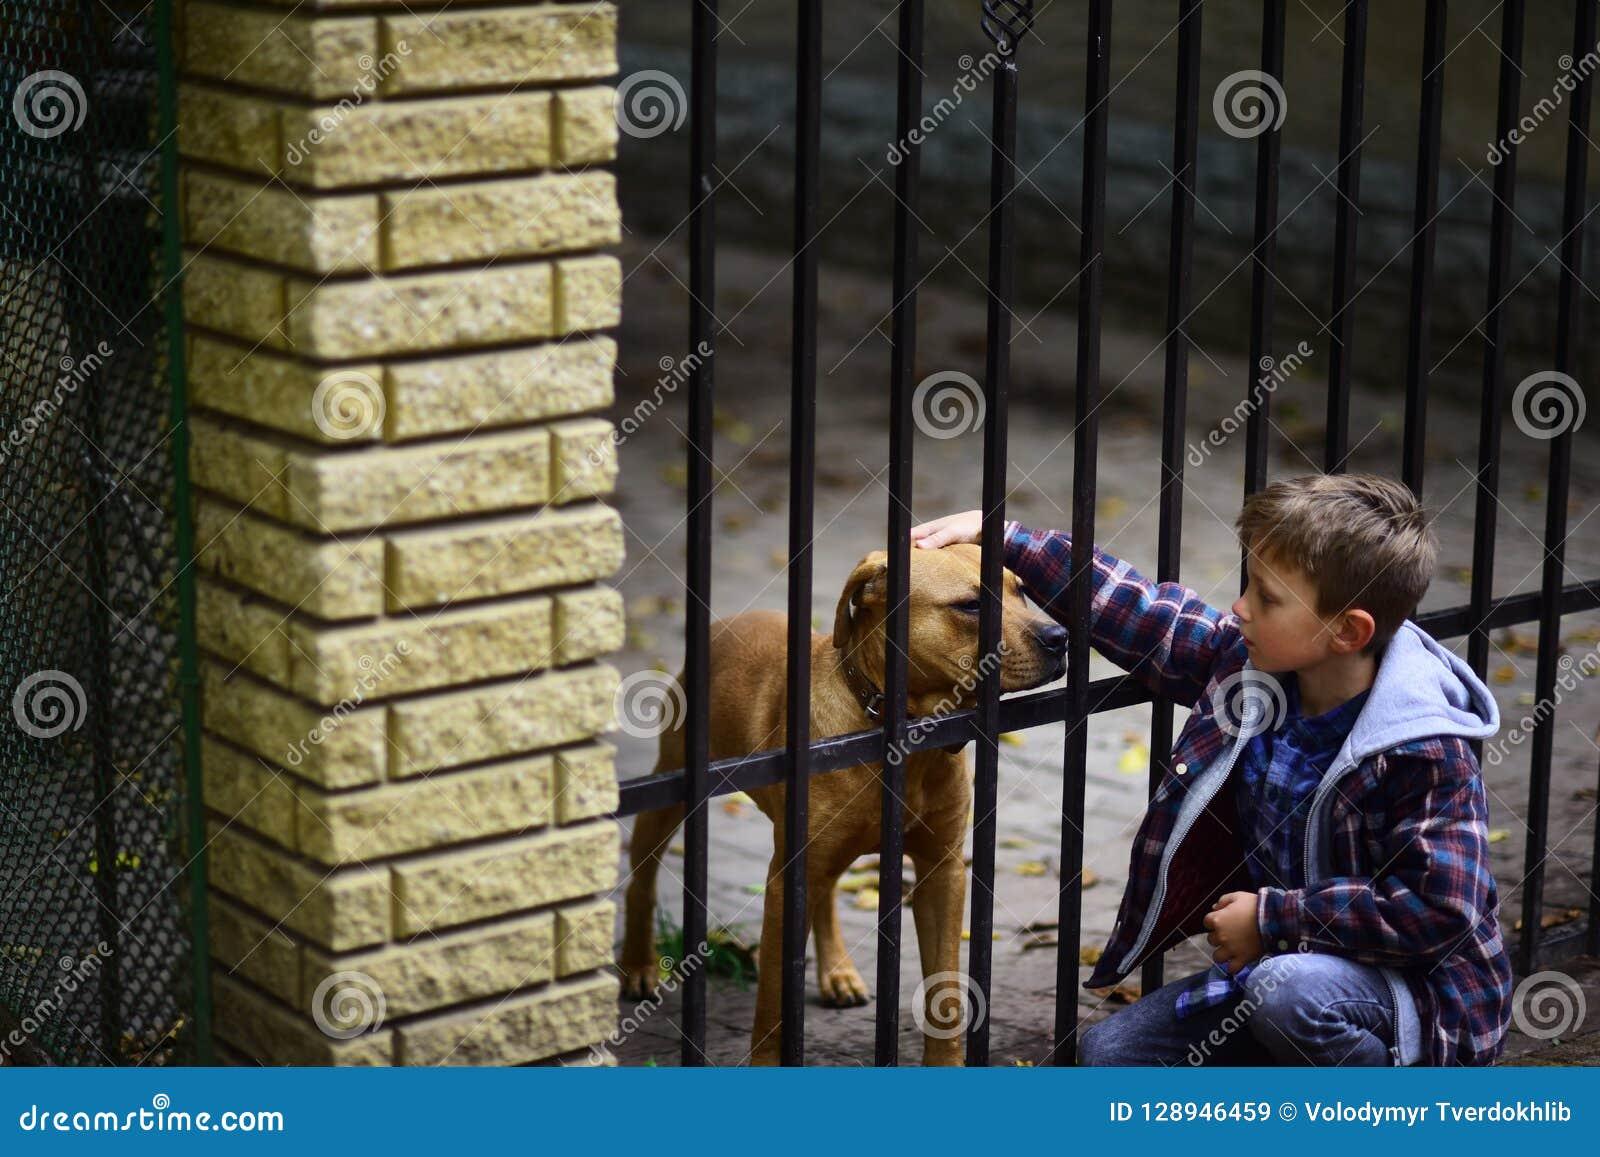 Большая заживление терапия приятельство и влюбленность Мальчик patting собака Мальчик принимает нового друга от собак